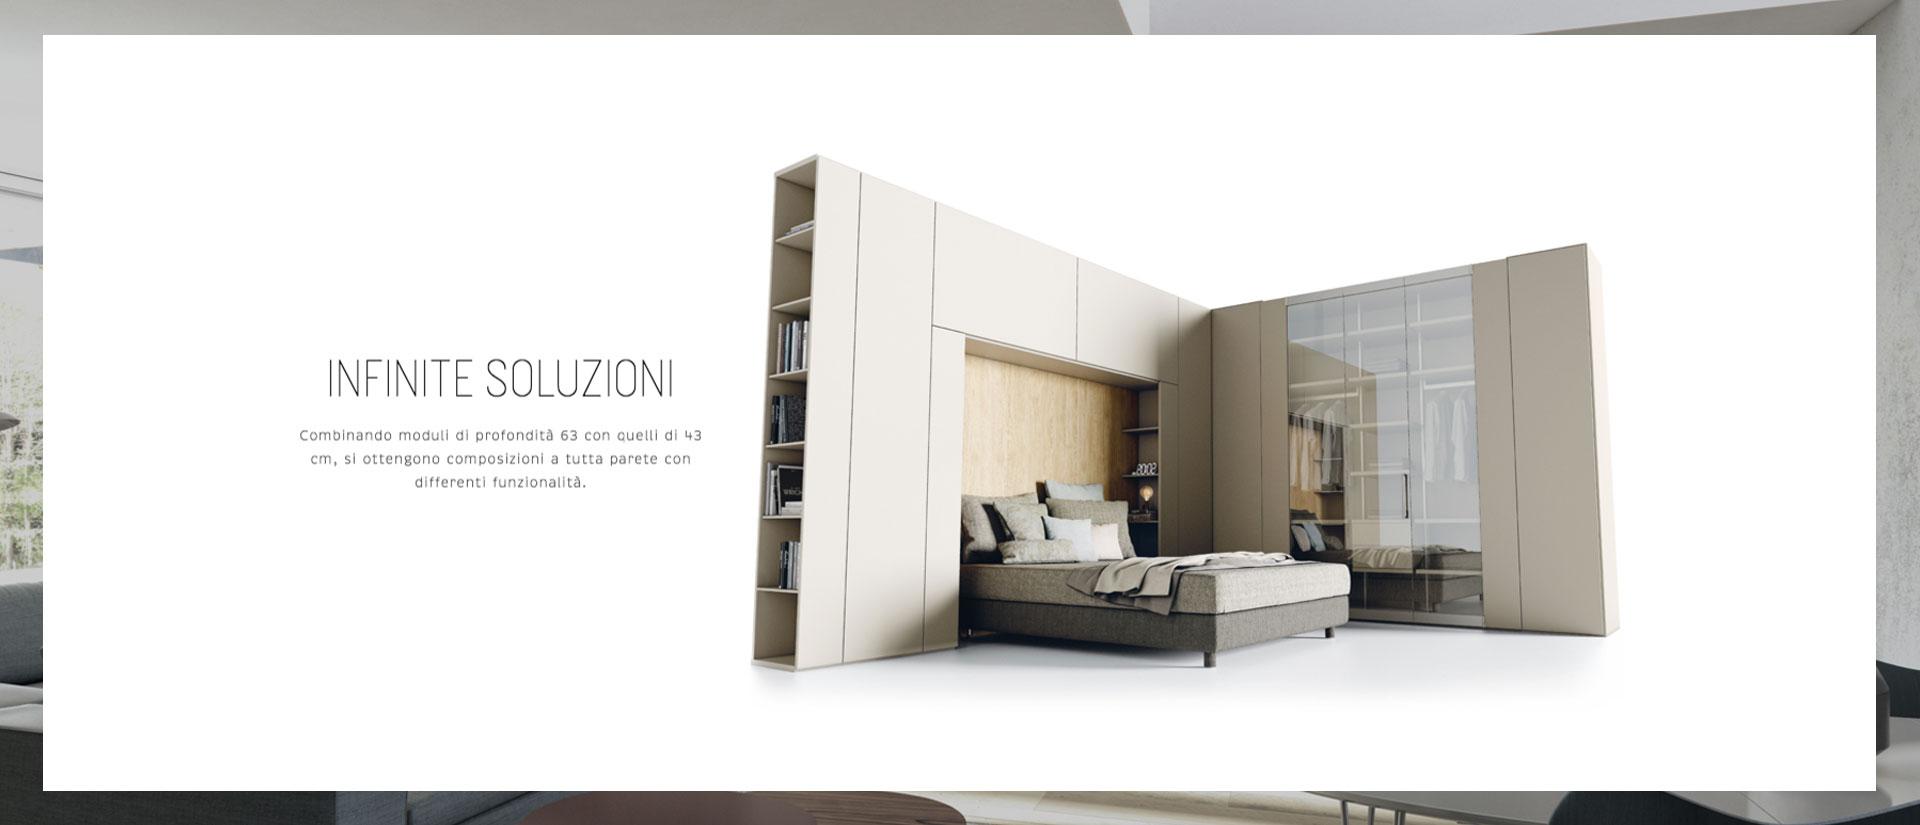 Il sistema abitativo Roomy è esposto a Napoli nel centro arredamenti Casadesign